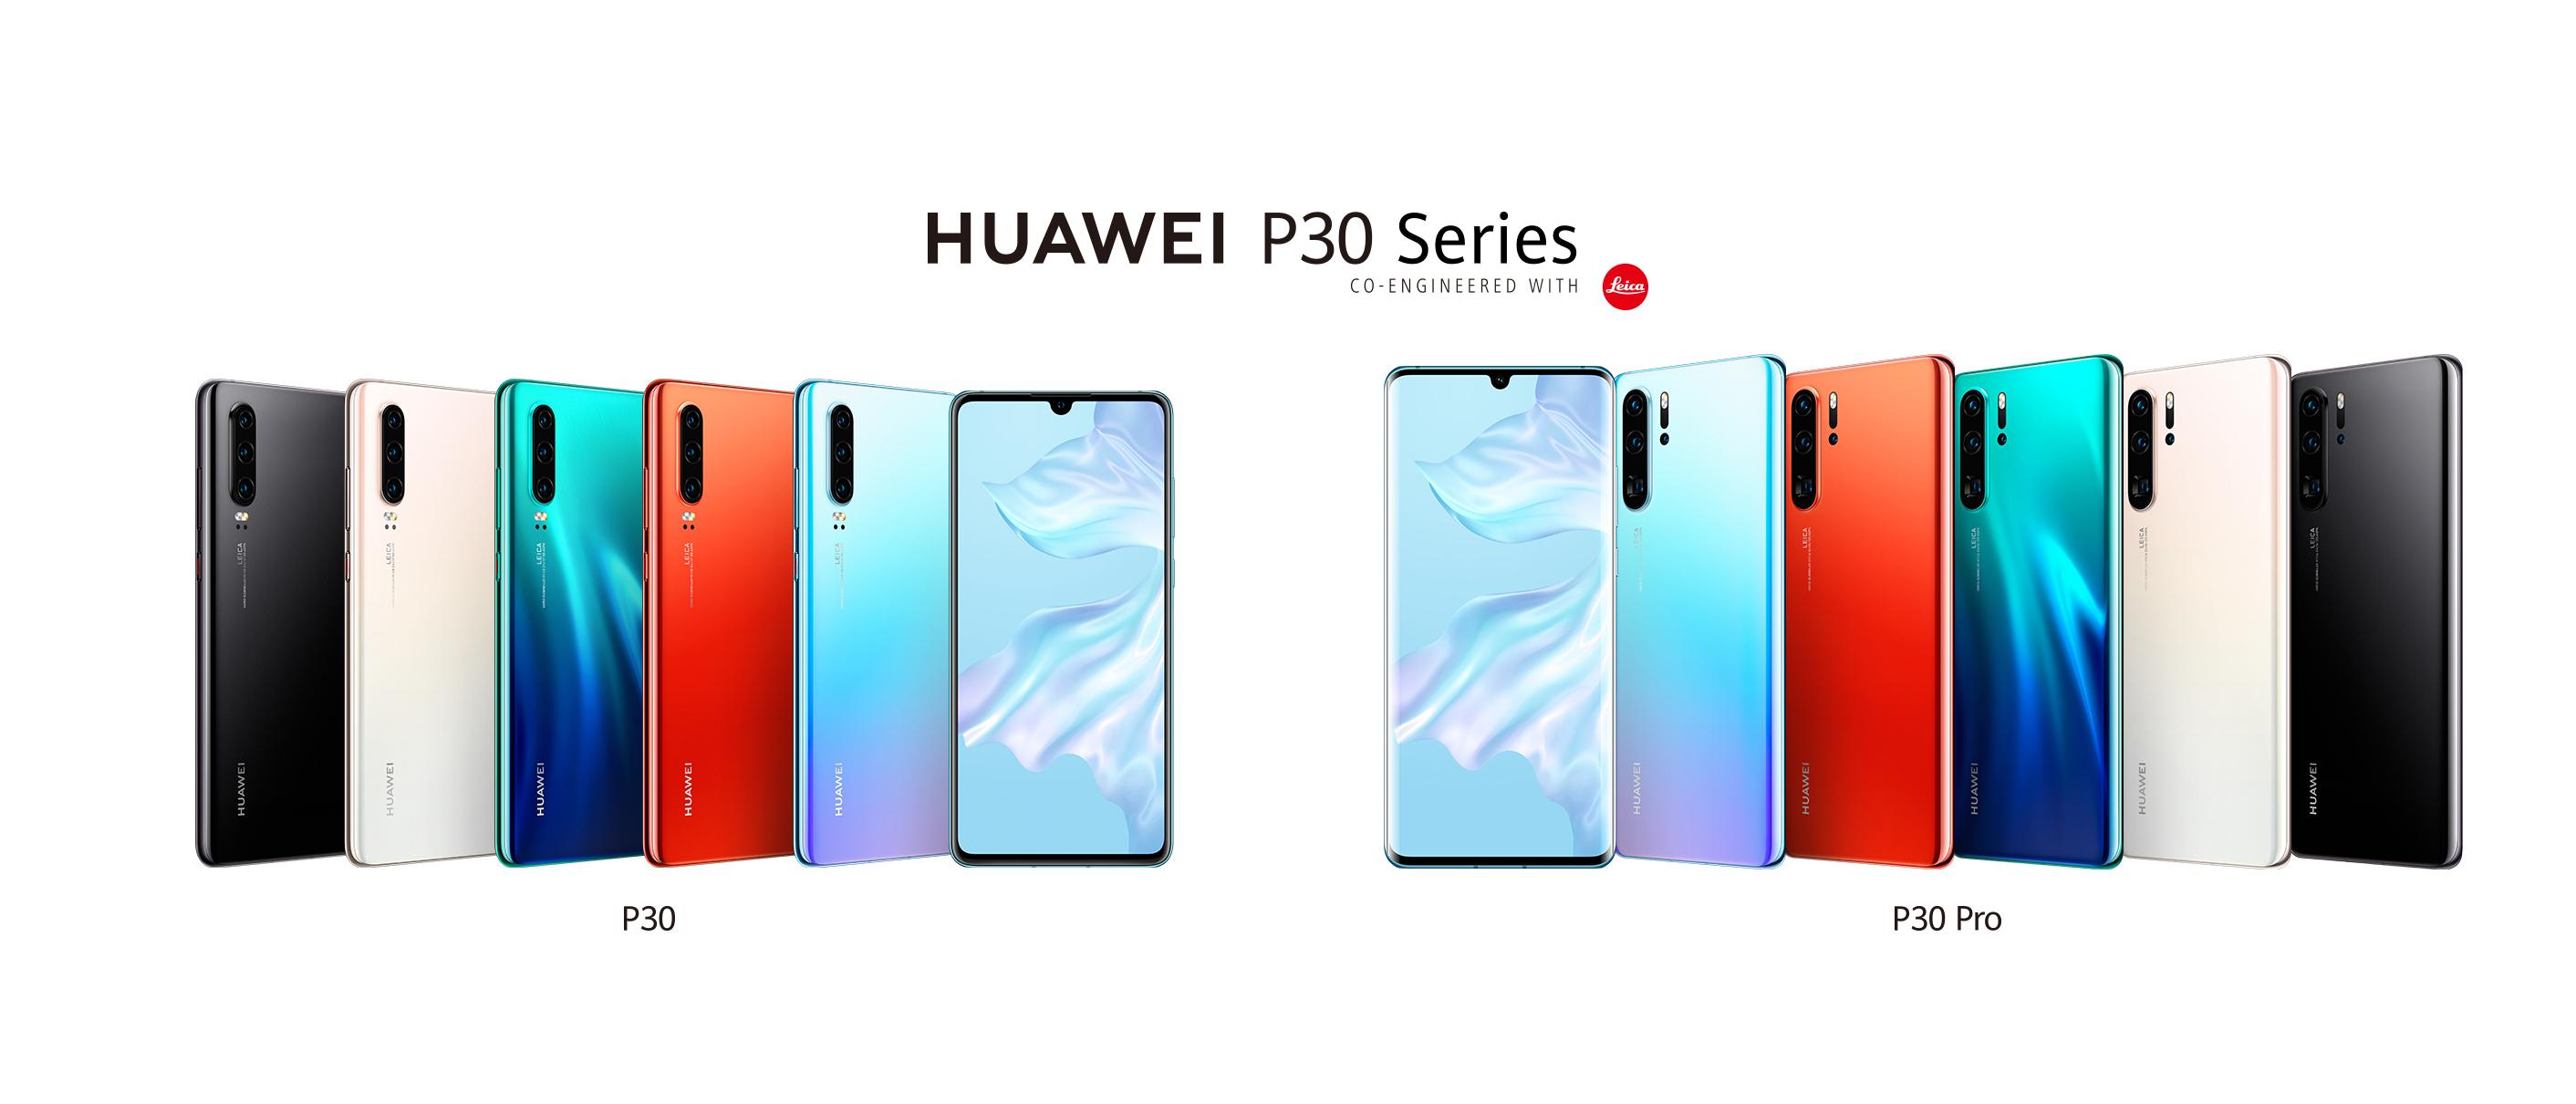 Nueva serie P30